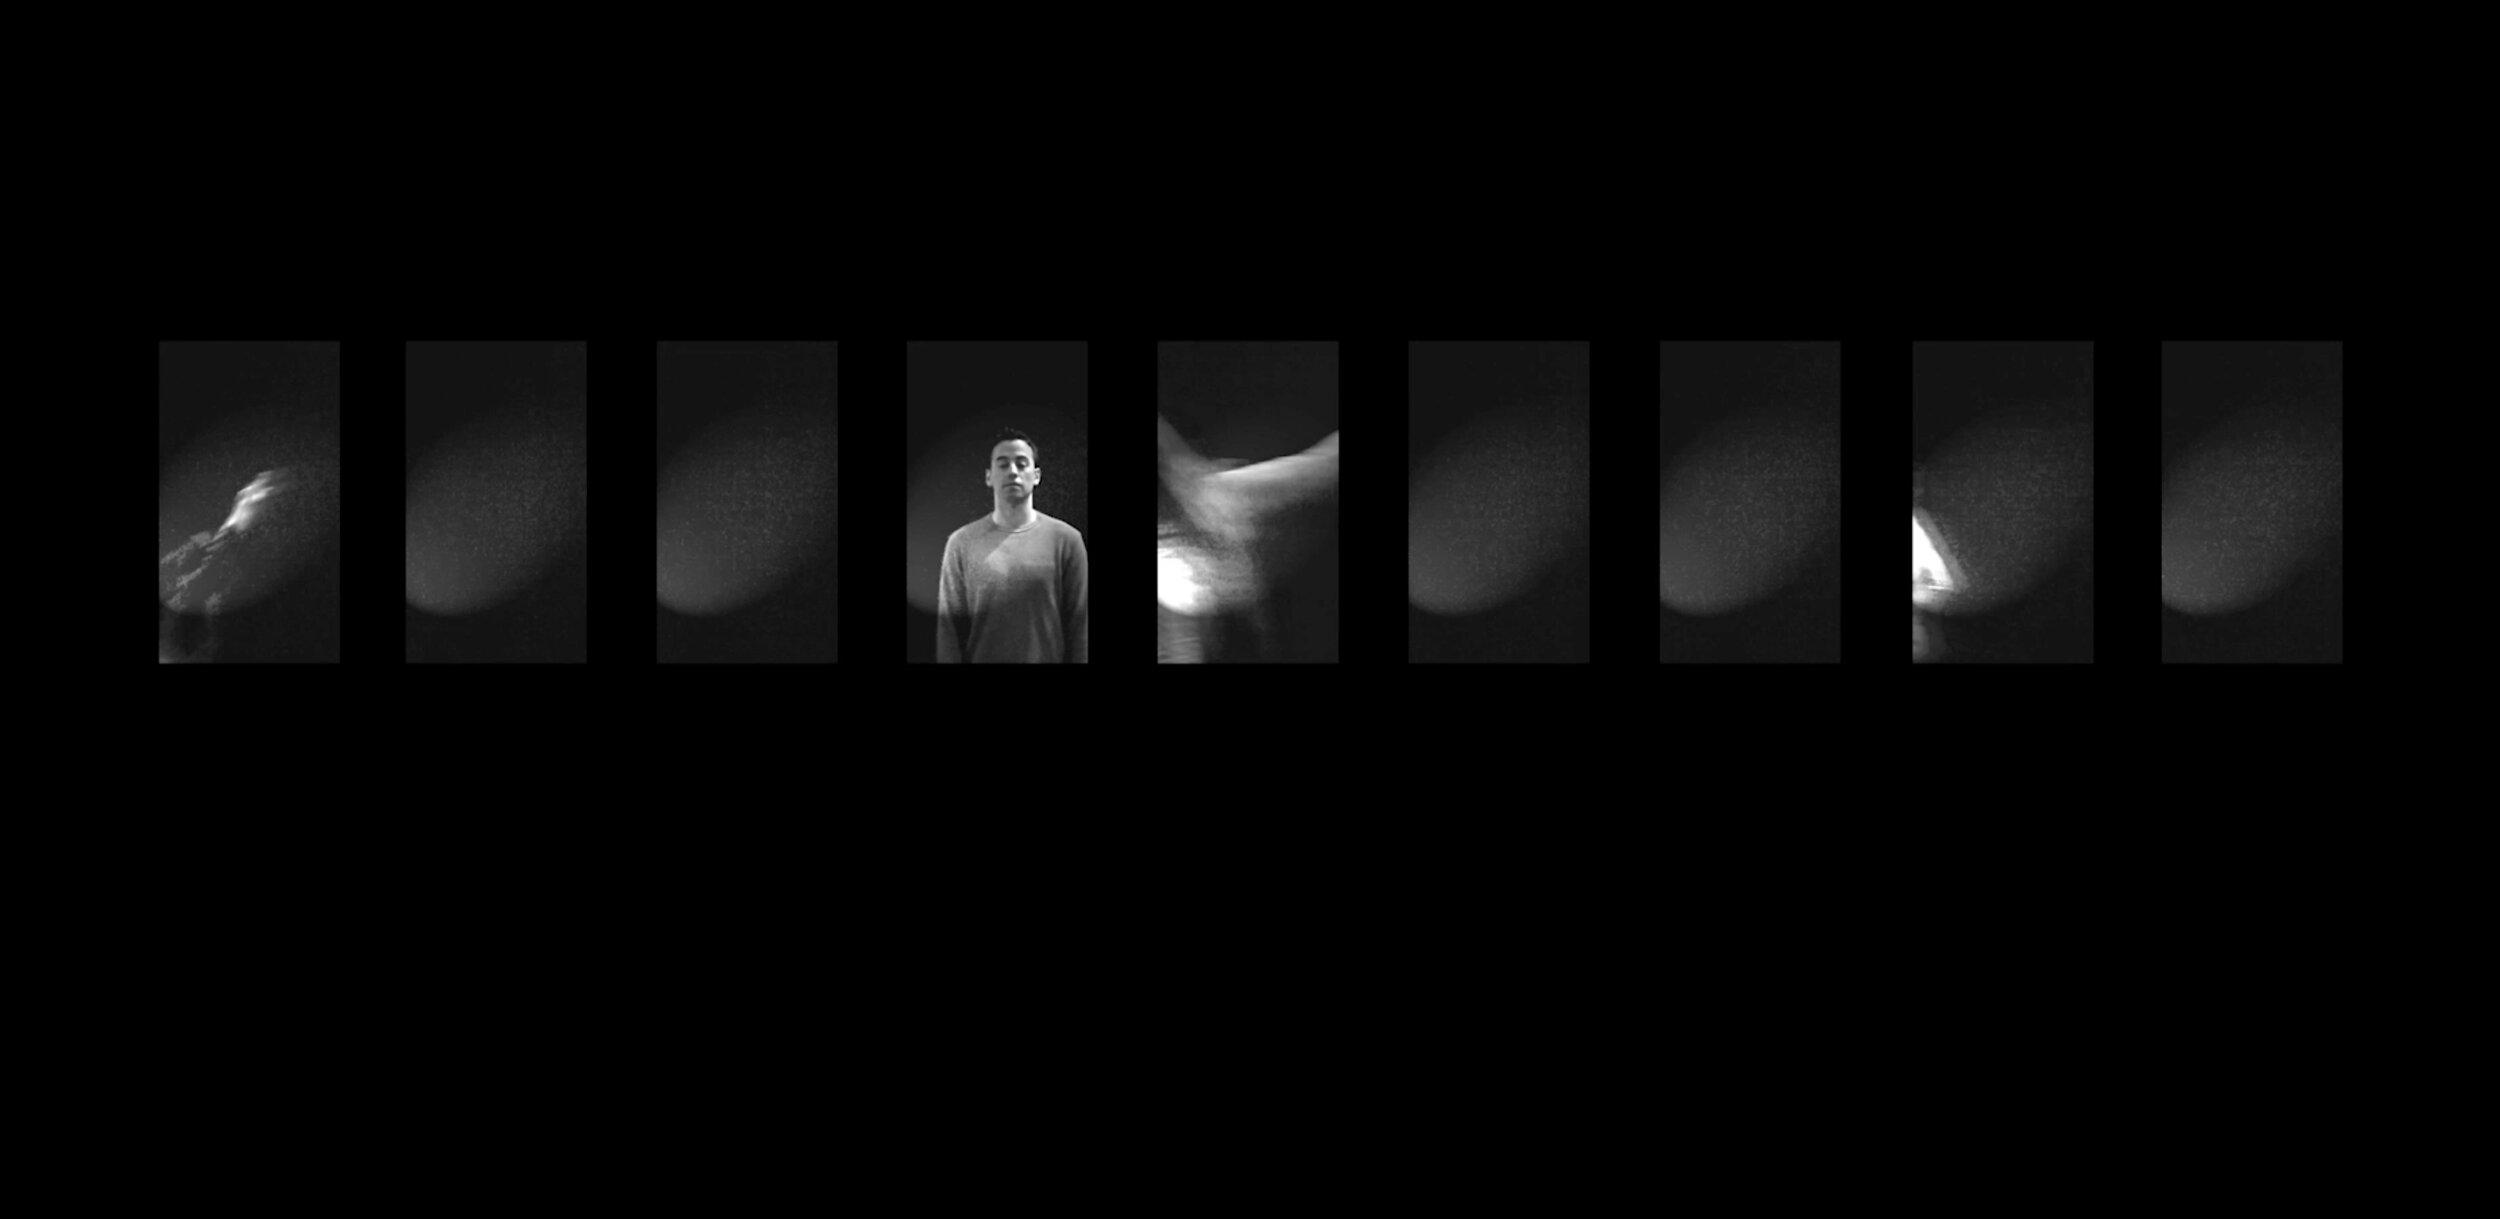 2015©Verburg WATCHING TRISHA BROWN #2- BOWS (excerpt) 3.jpg